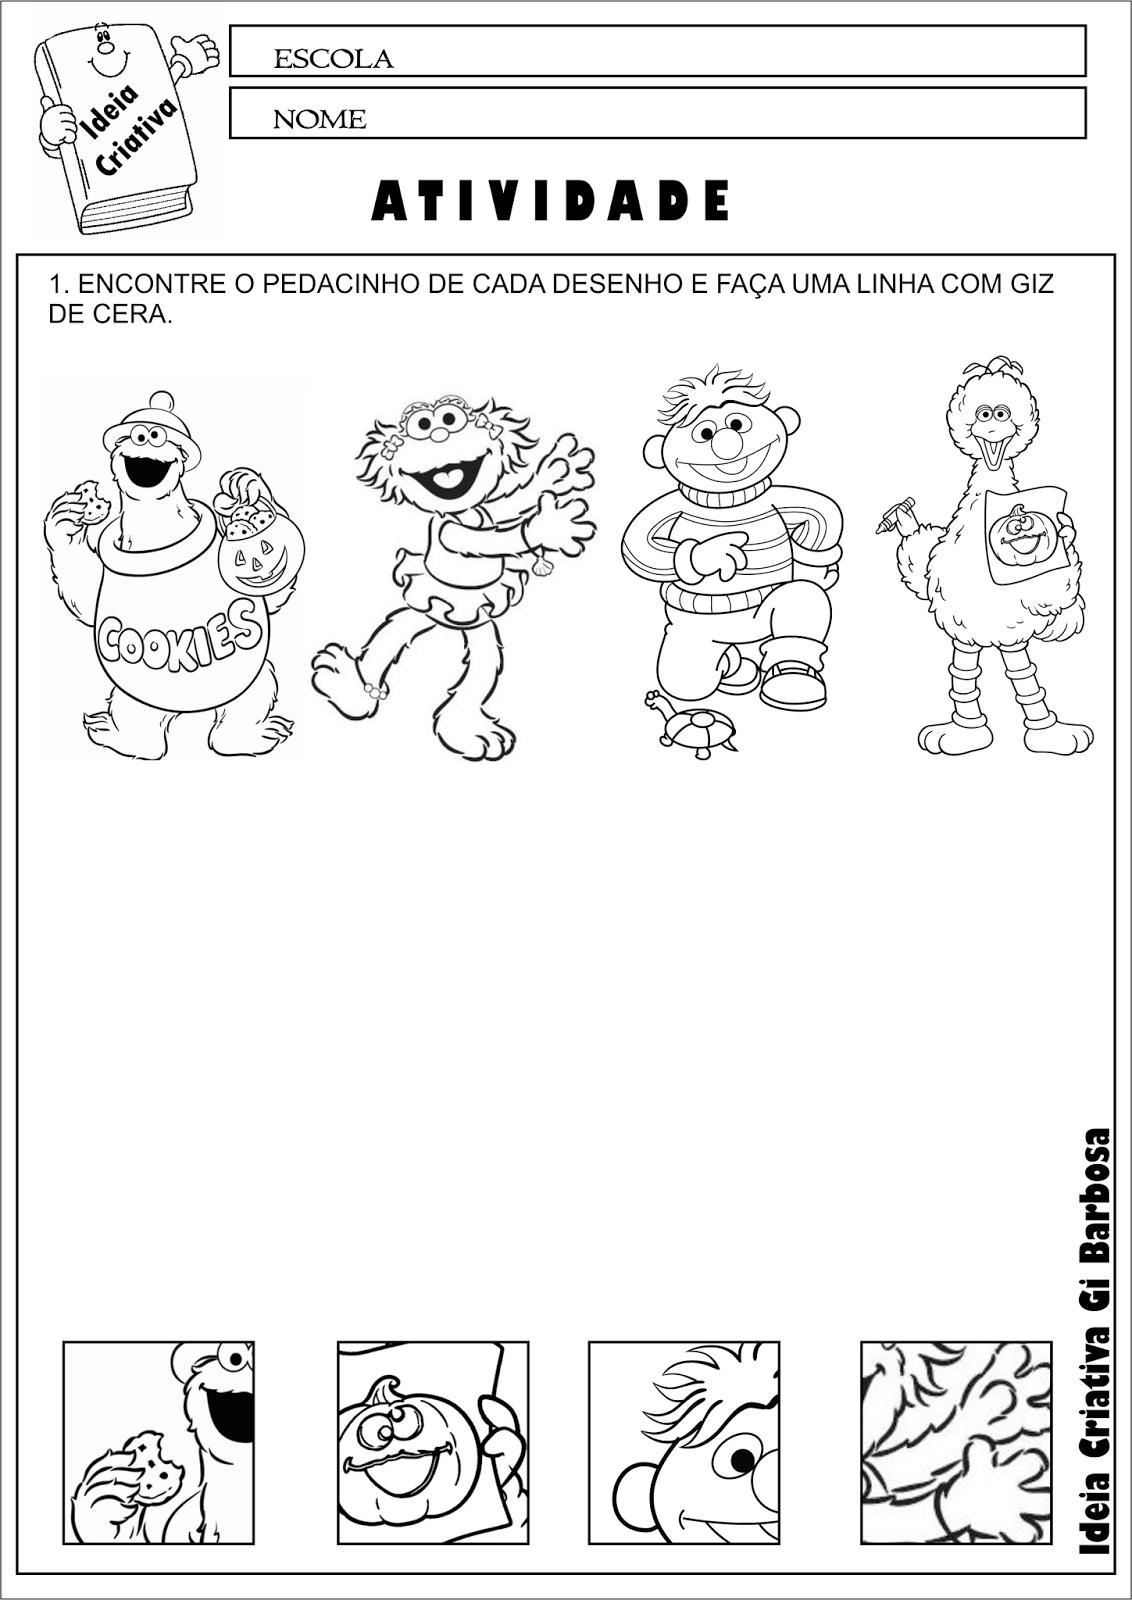 Atividade Educacao Infantil Coordenacao Motora Personagens Vila